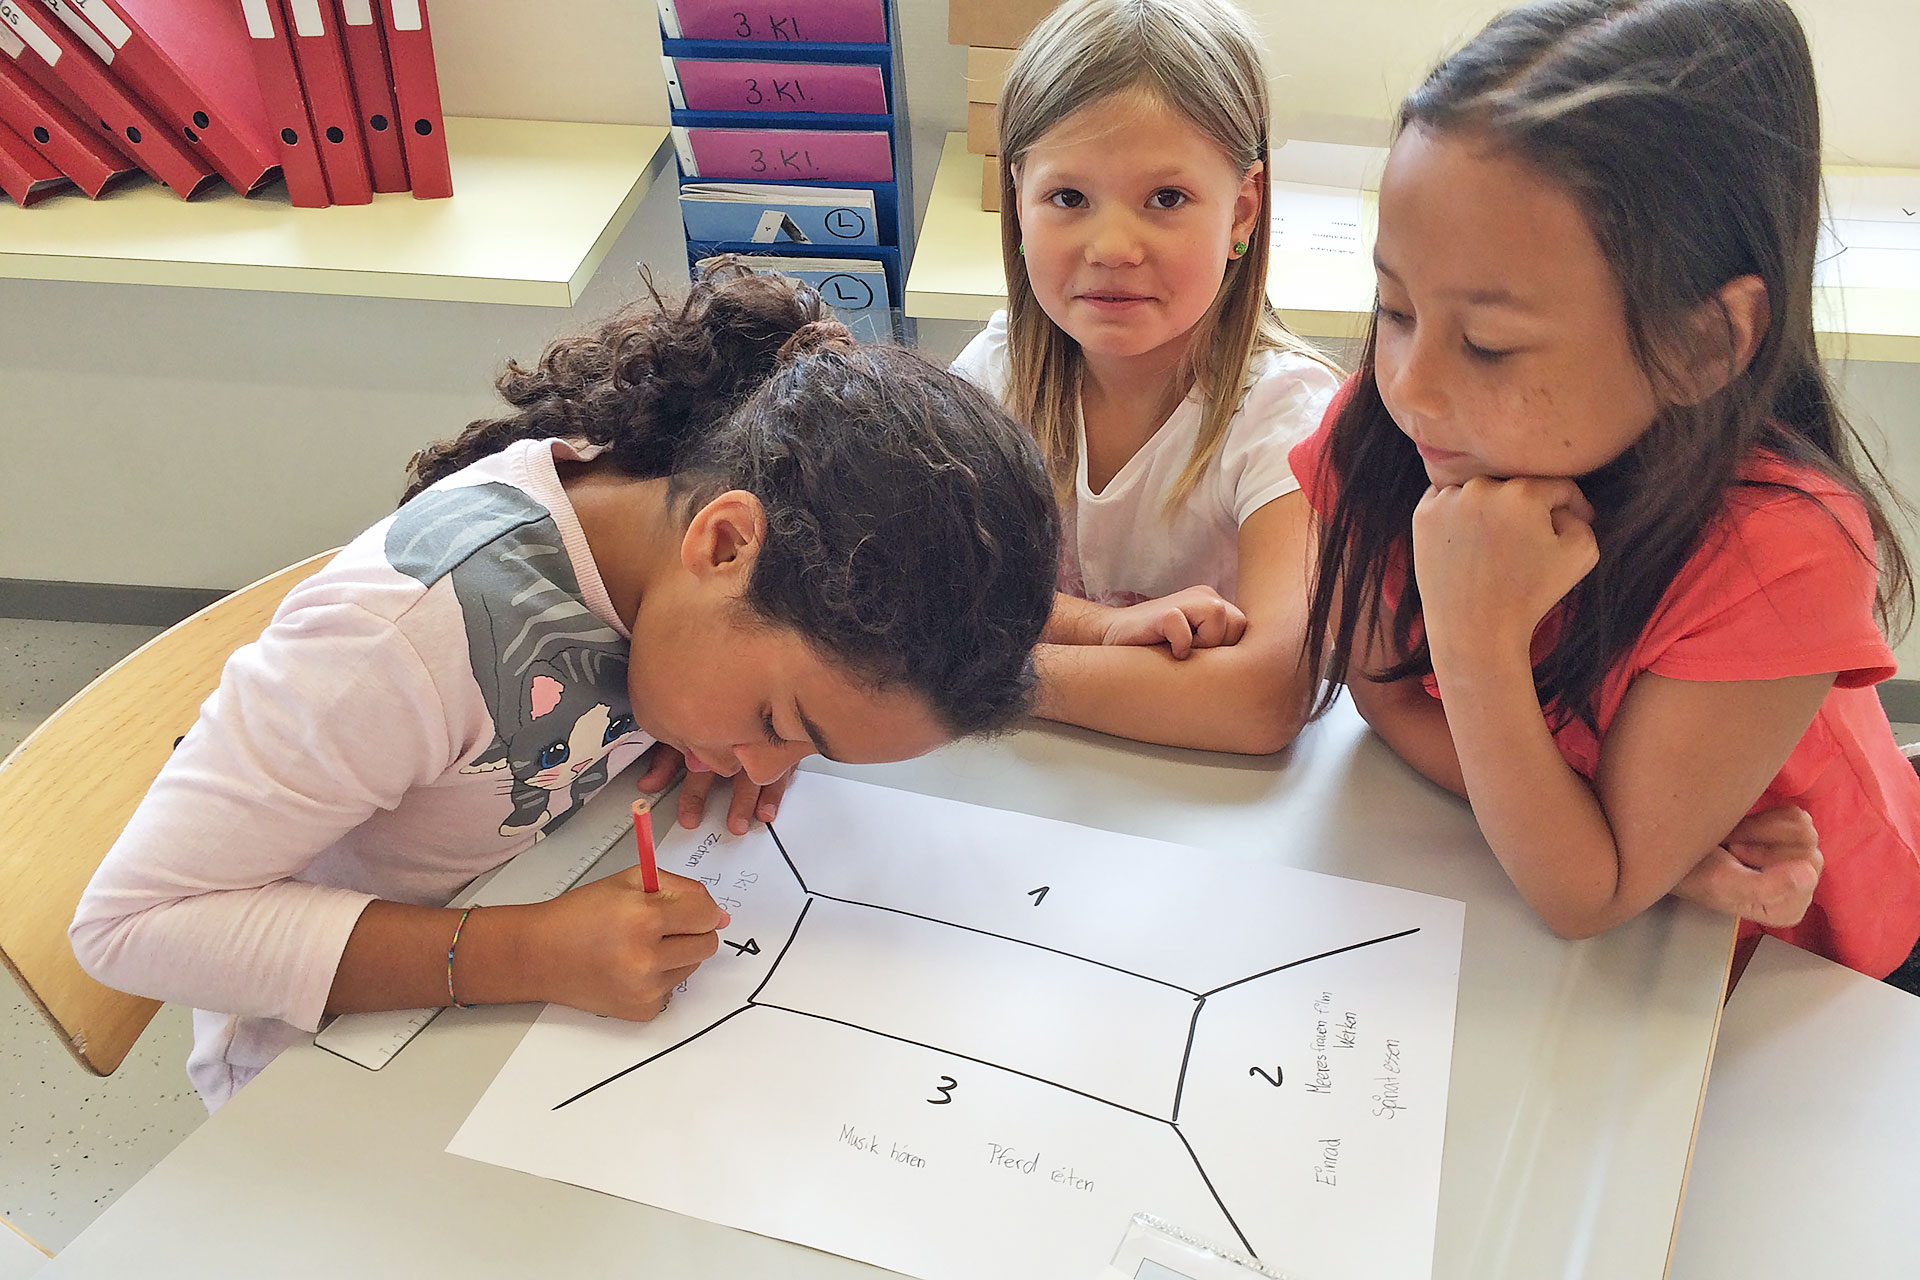 drei junge Schülerinnen füllen ein Placemat aus